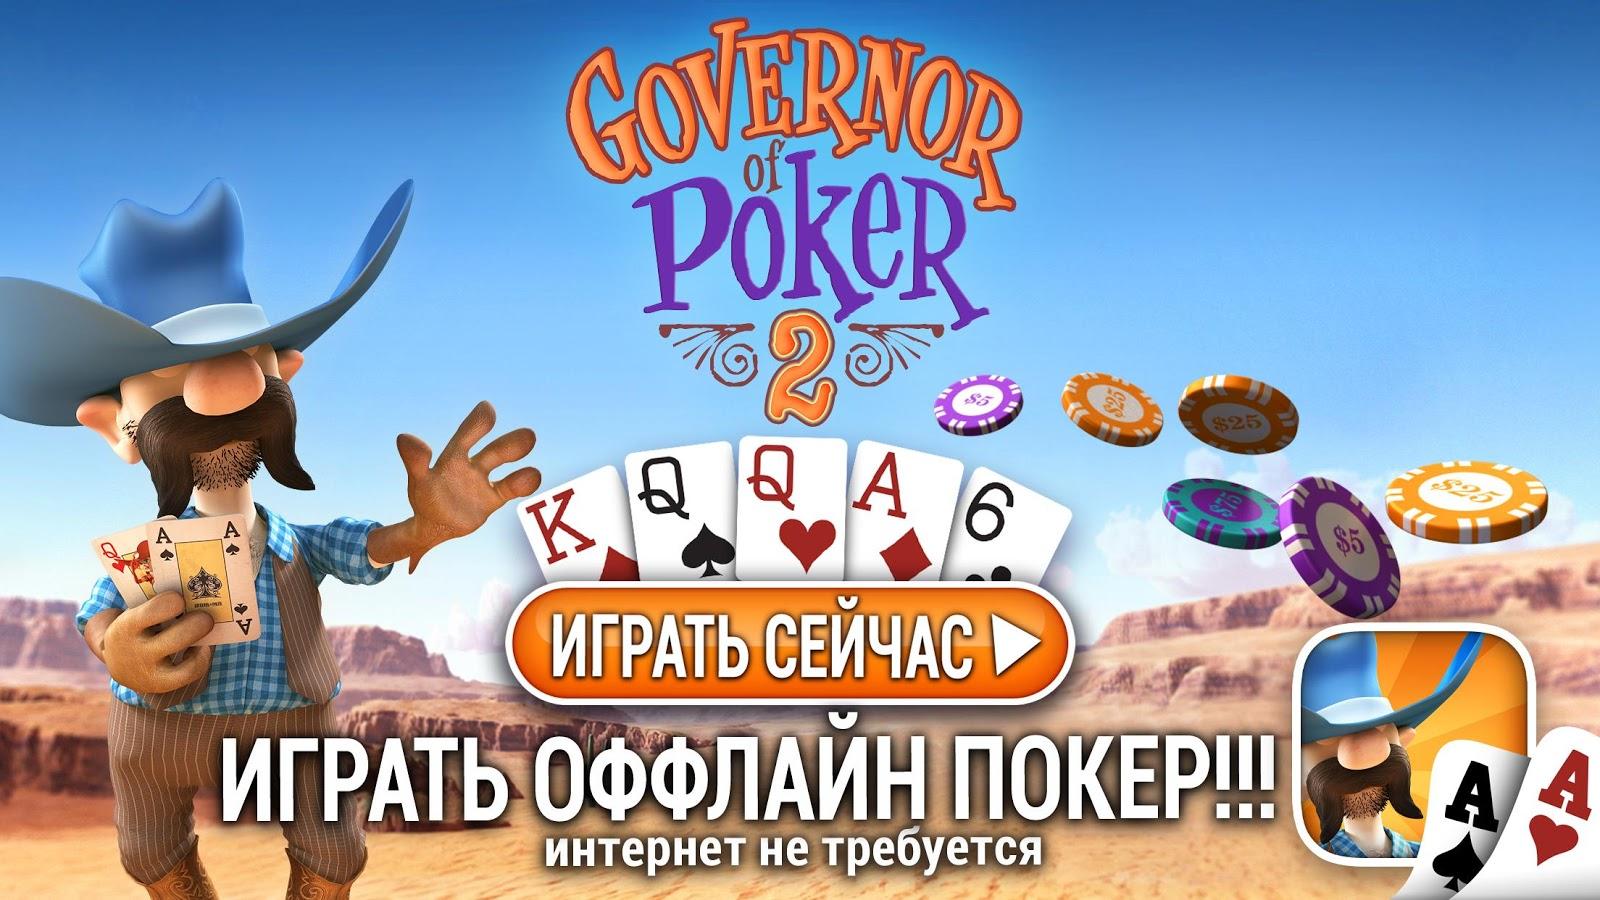 Бесплатные игры онлайн король покера 2 скачать казино с аккаунтом в рублях